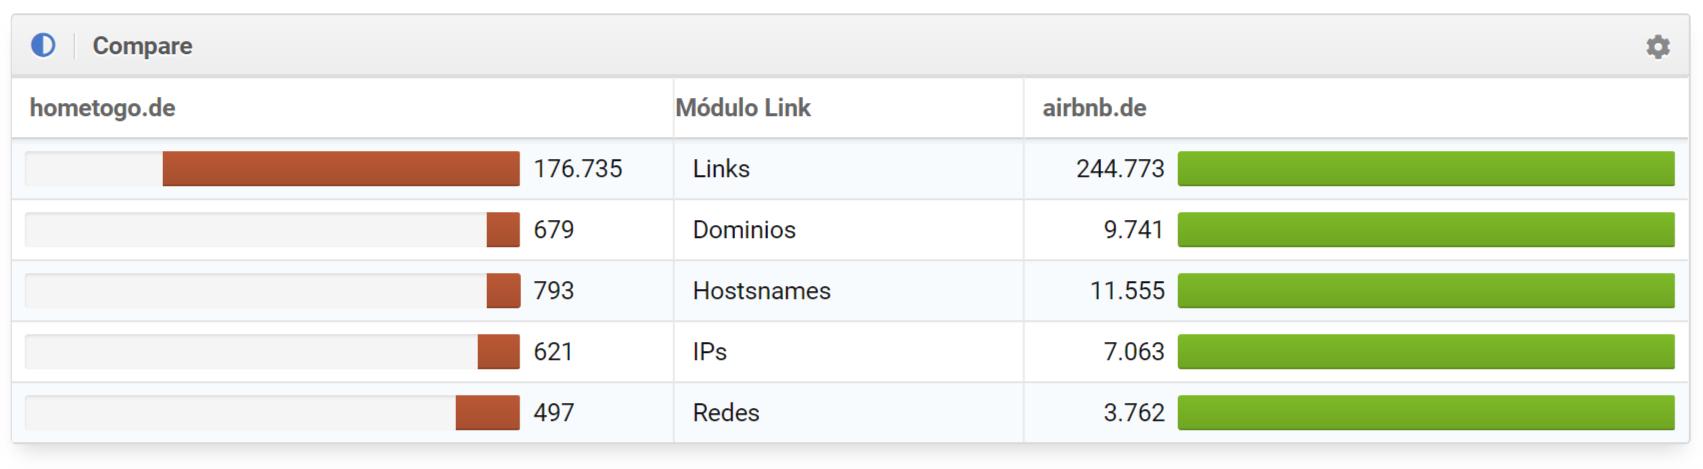 Comparativa de los KPIs del módulo Link de hometogo.de y airbnb.de